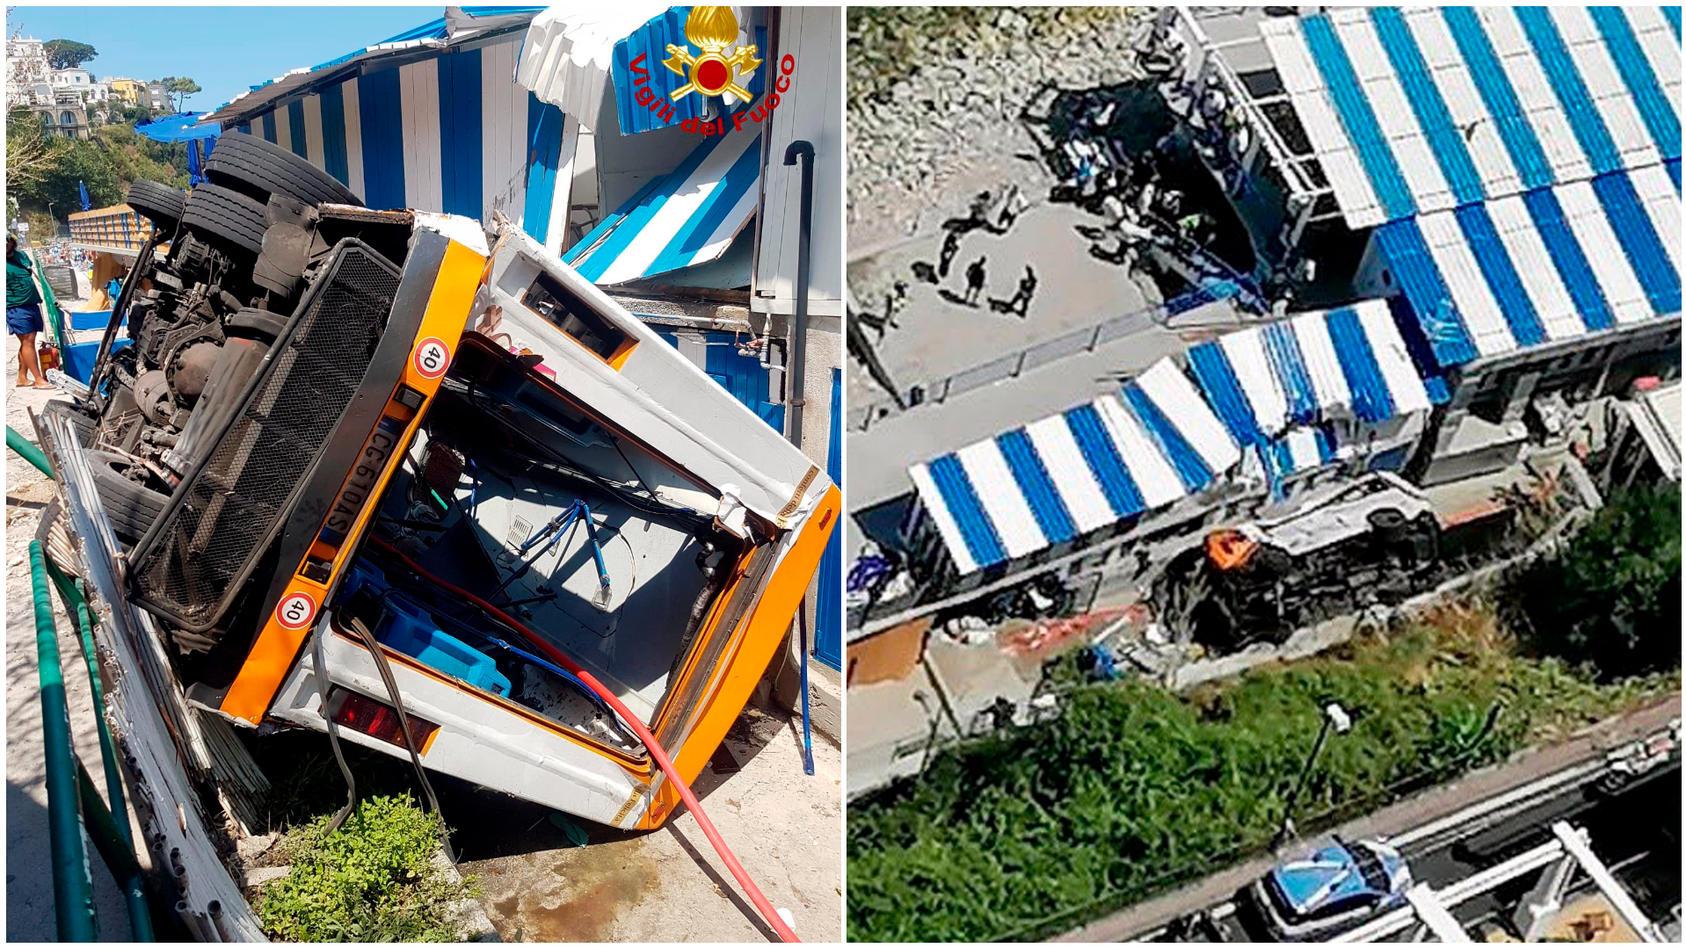 Kleinbus verunglückt auf Urlaubsinsel Capri - mindestens ein Toter